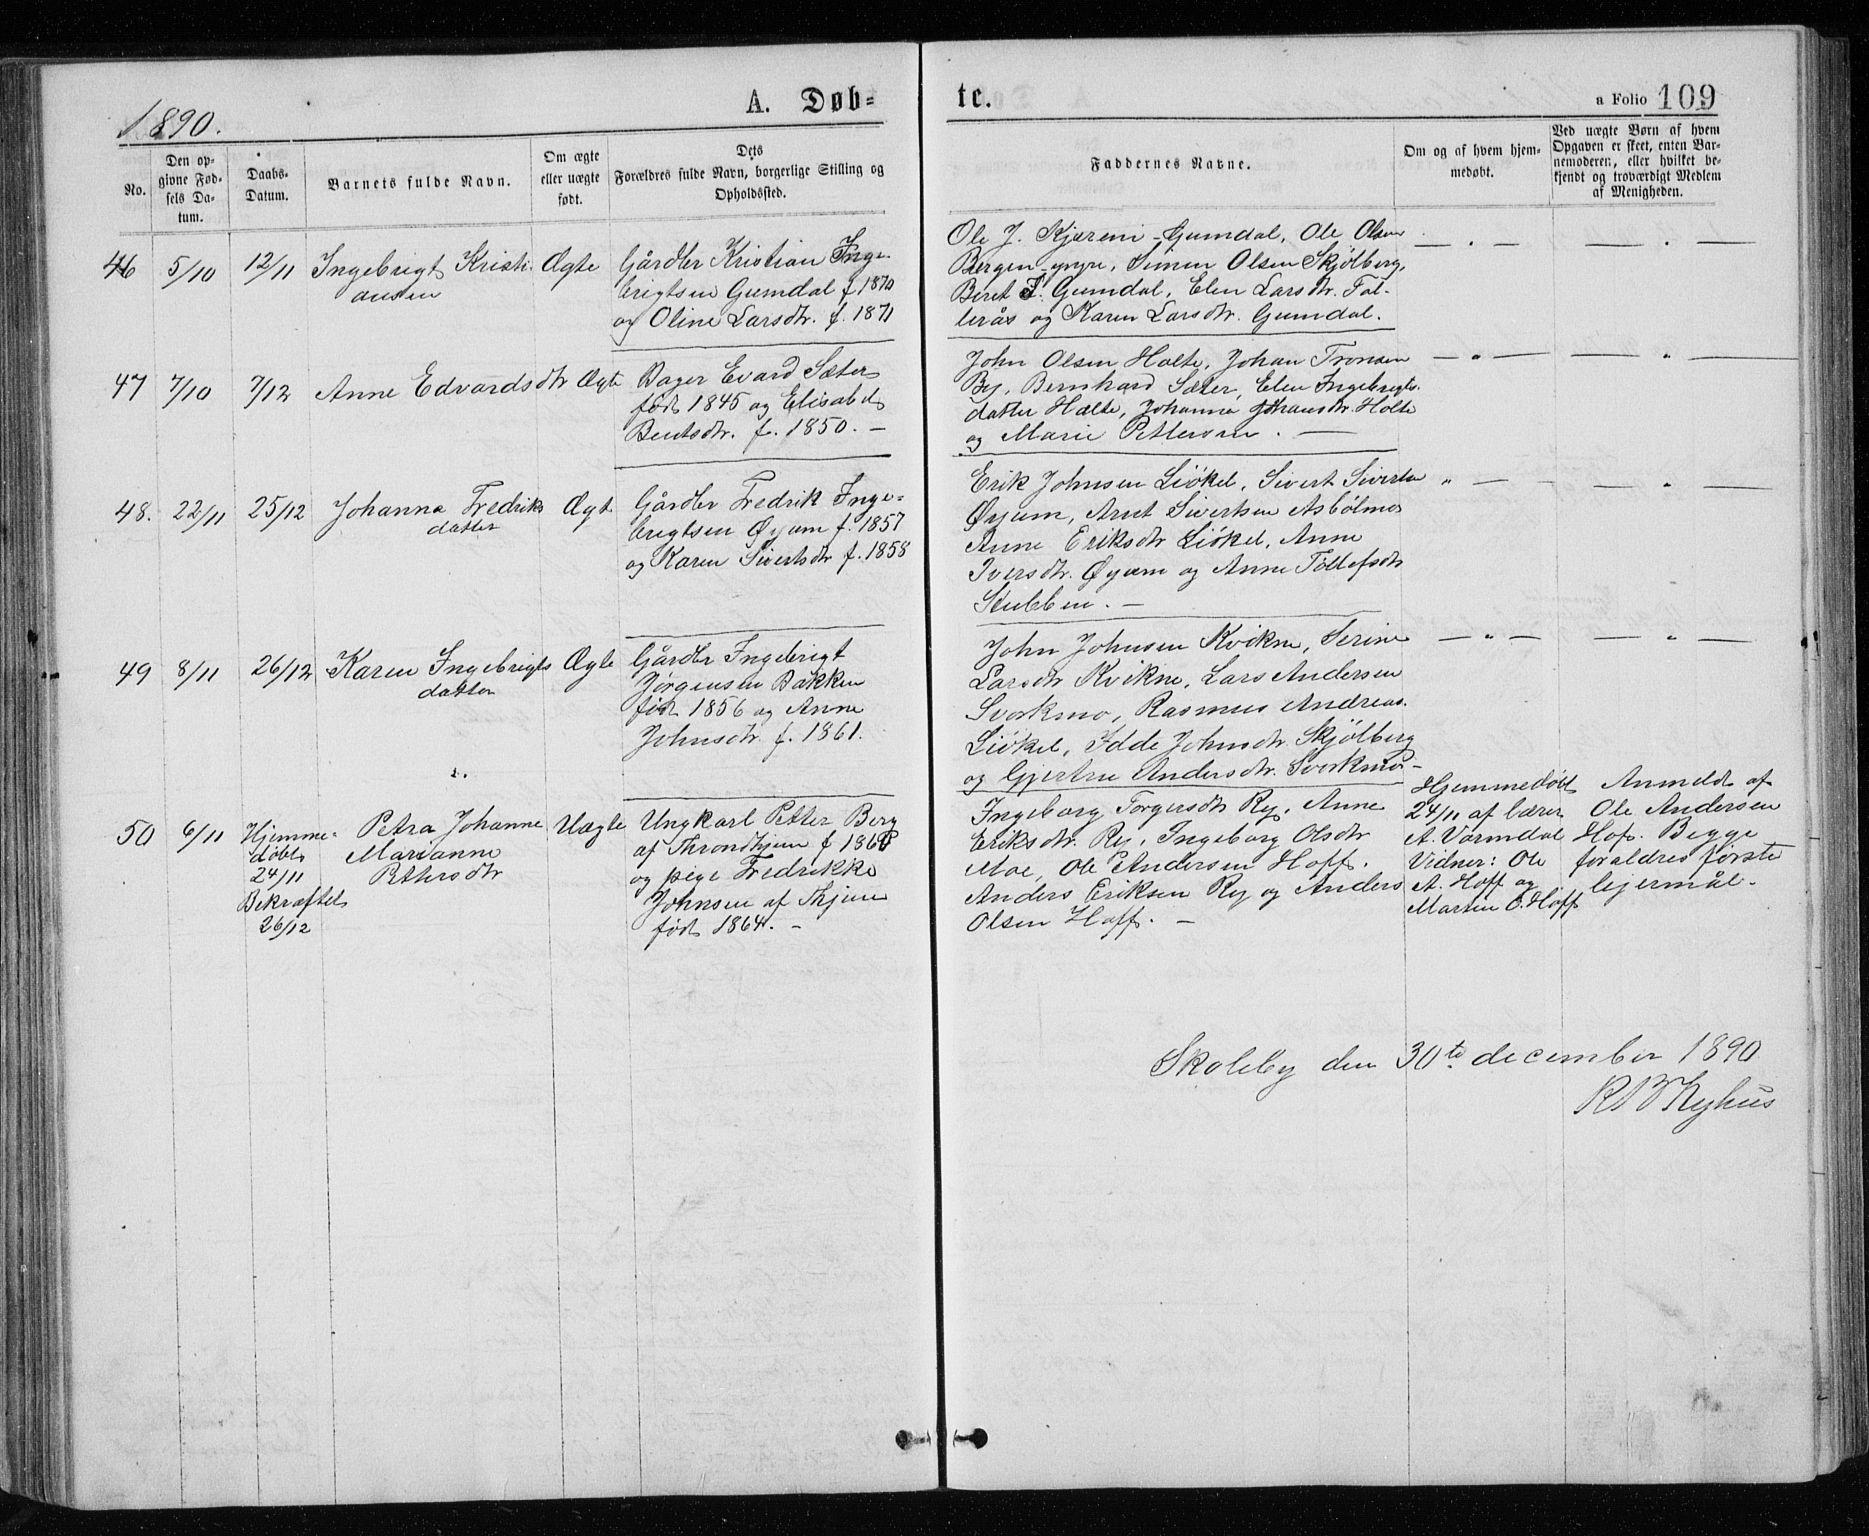 SAT, Ministerialprotokoller, klokkerbøker og fødselsregistre - Sør-Trøndelag, 671/L0843: Klokkerbok nr. 671C02, 1873-1892, s. 109